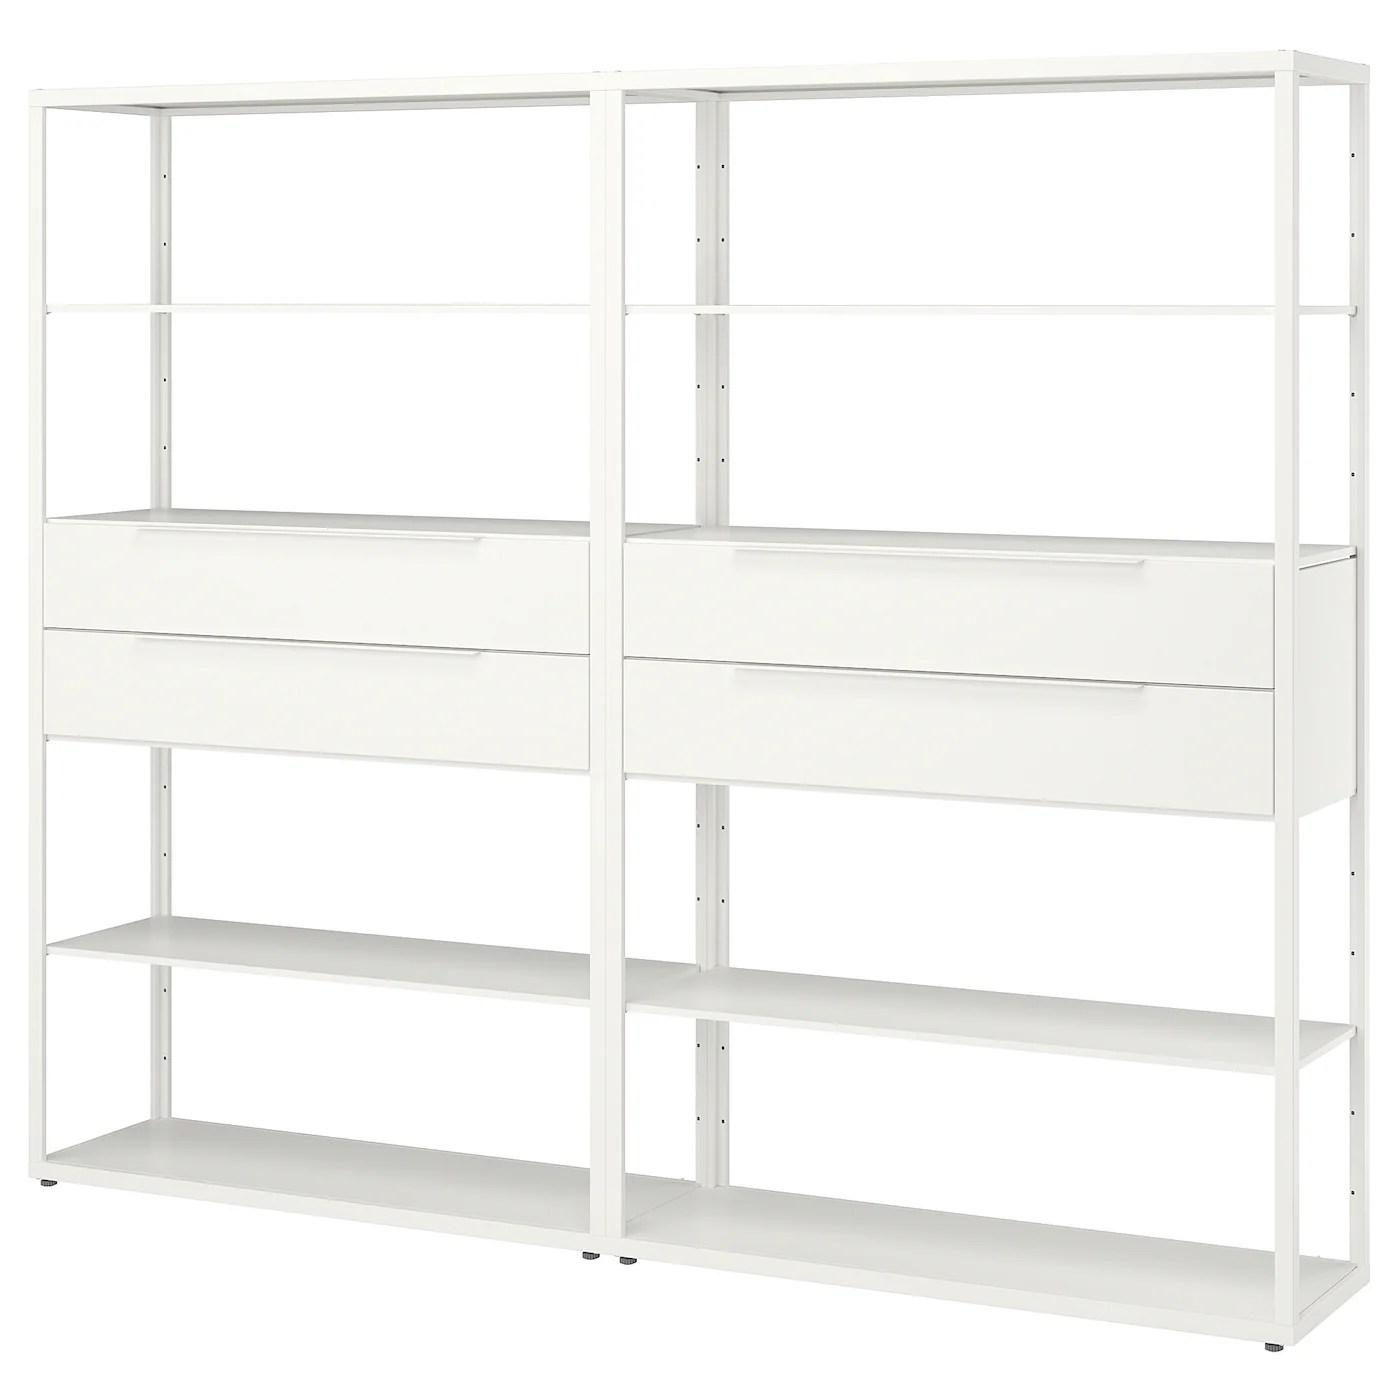 fjalkinge etagere avec tiroirs blanc 236x35x193 cm